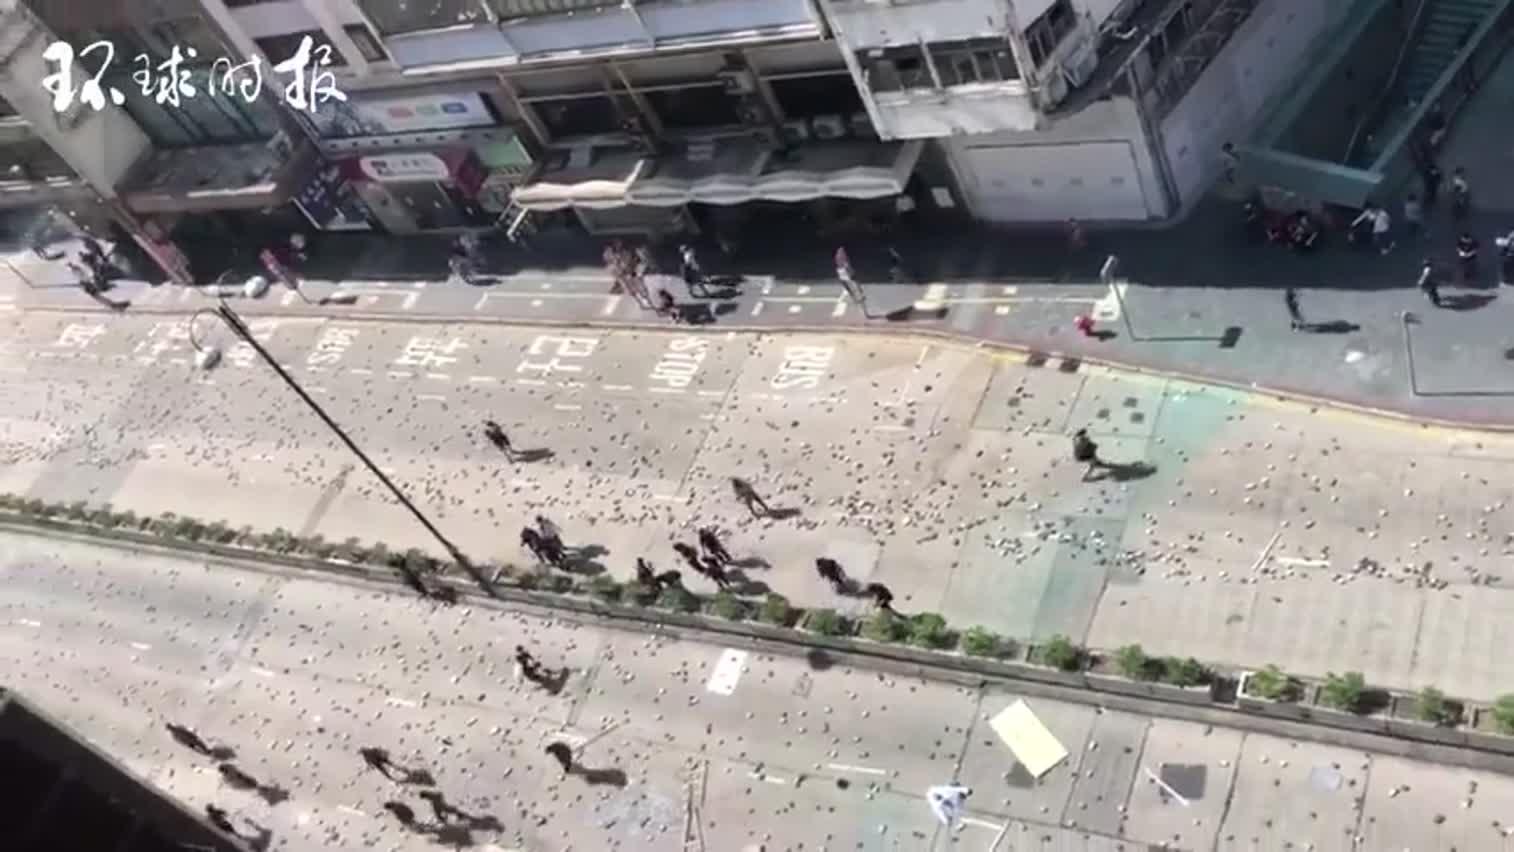 视频-今日还有暴徒在大街上搞破坏:砖头扔满地 拆